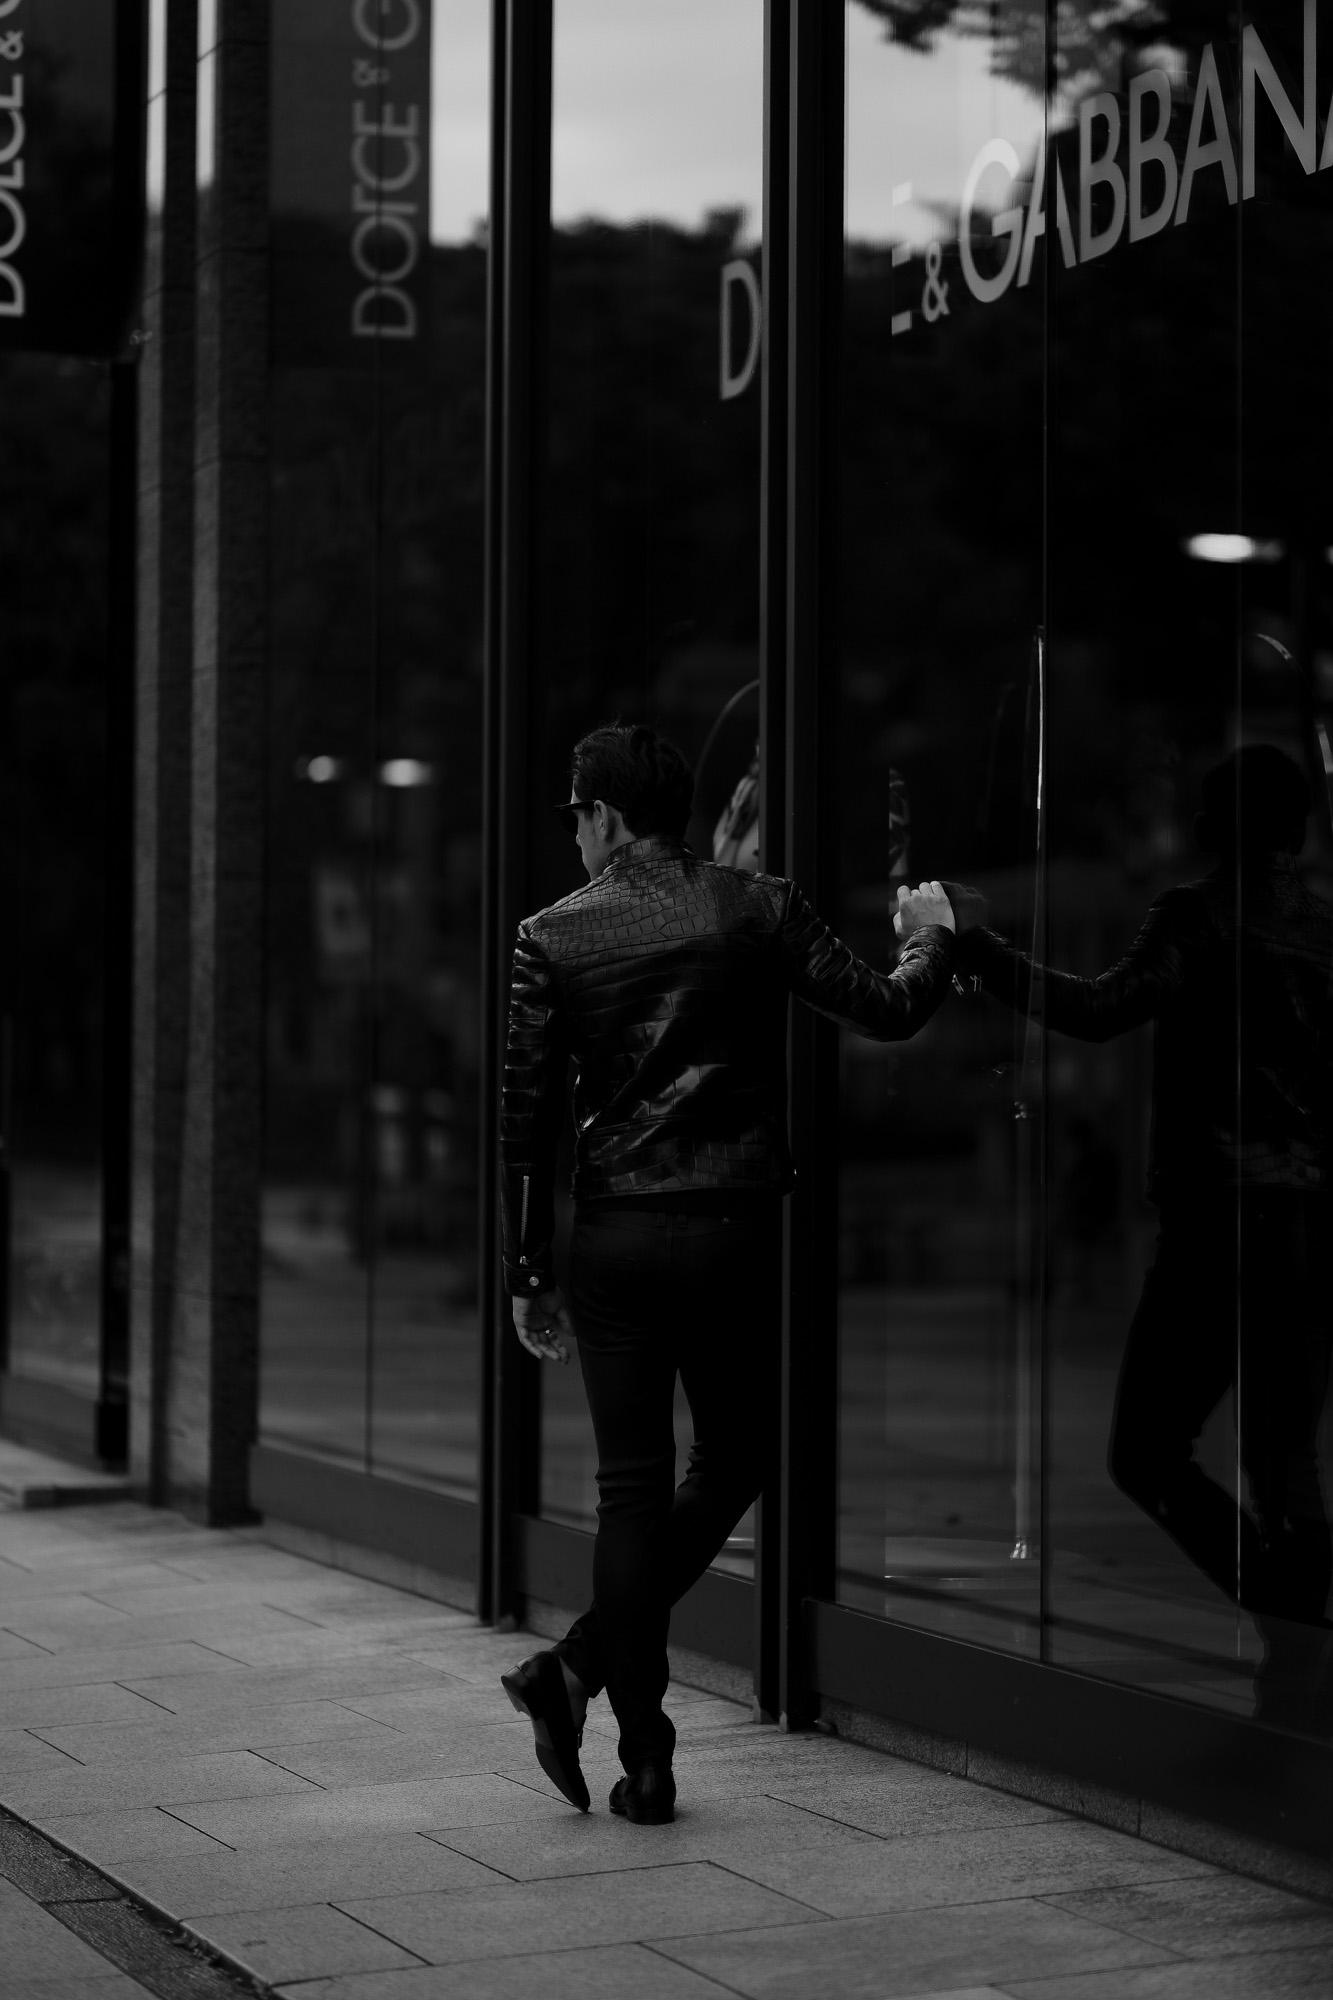 FIXER(フィクサー) F2 CROCODILE(エフツー クロコダイル) SINGLE RIDERS Crocodile クロコダイル エキゾチックレザー シングルライダース ジャケット BLACK(ブラック) 【Special Special Special Model】 愛知 名古屋 Alto e Diritto altoediritto アルトエデリット スペシャルライダース クロコダイルライダース レザージャケット ライダースジャケット